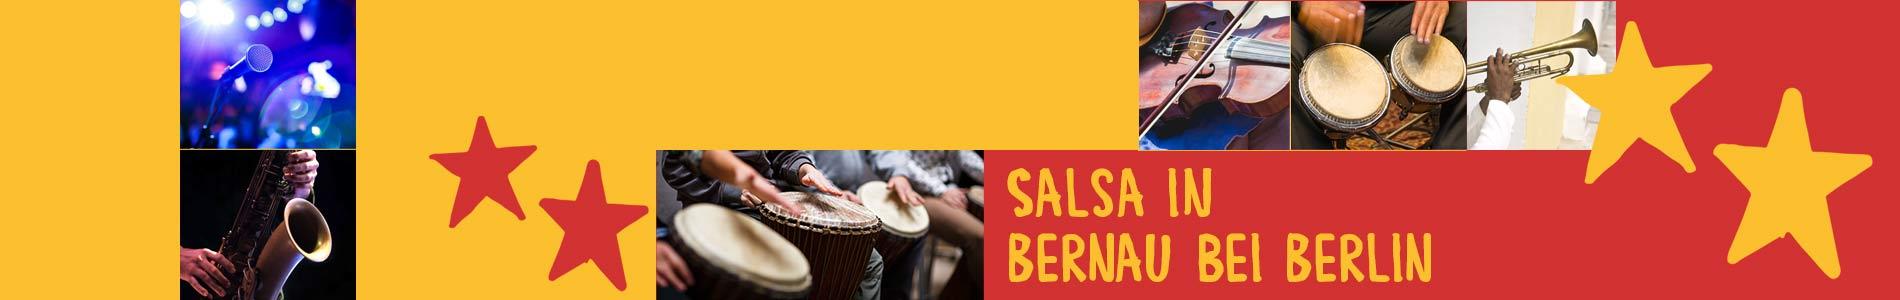 Salsa in Bernau bei Berlin – Salsa lernen und tanzen, Tanzkurse, Partys, Veranstaltungen